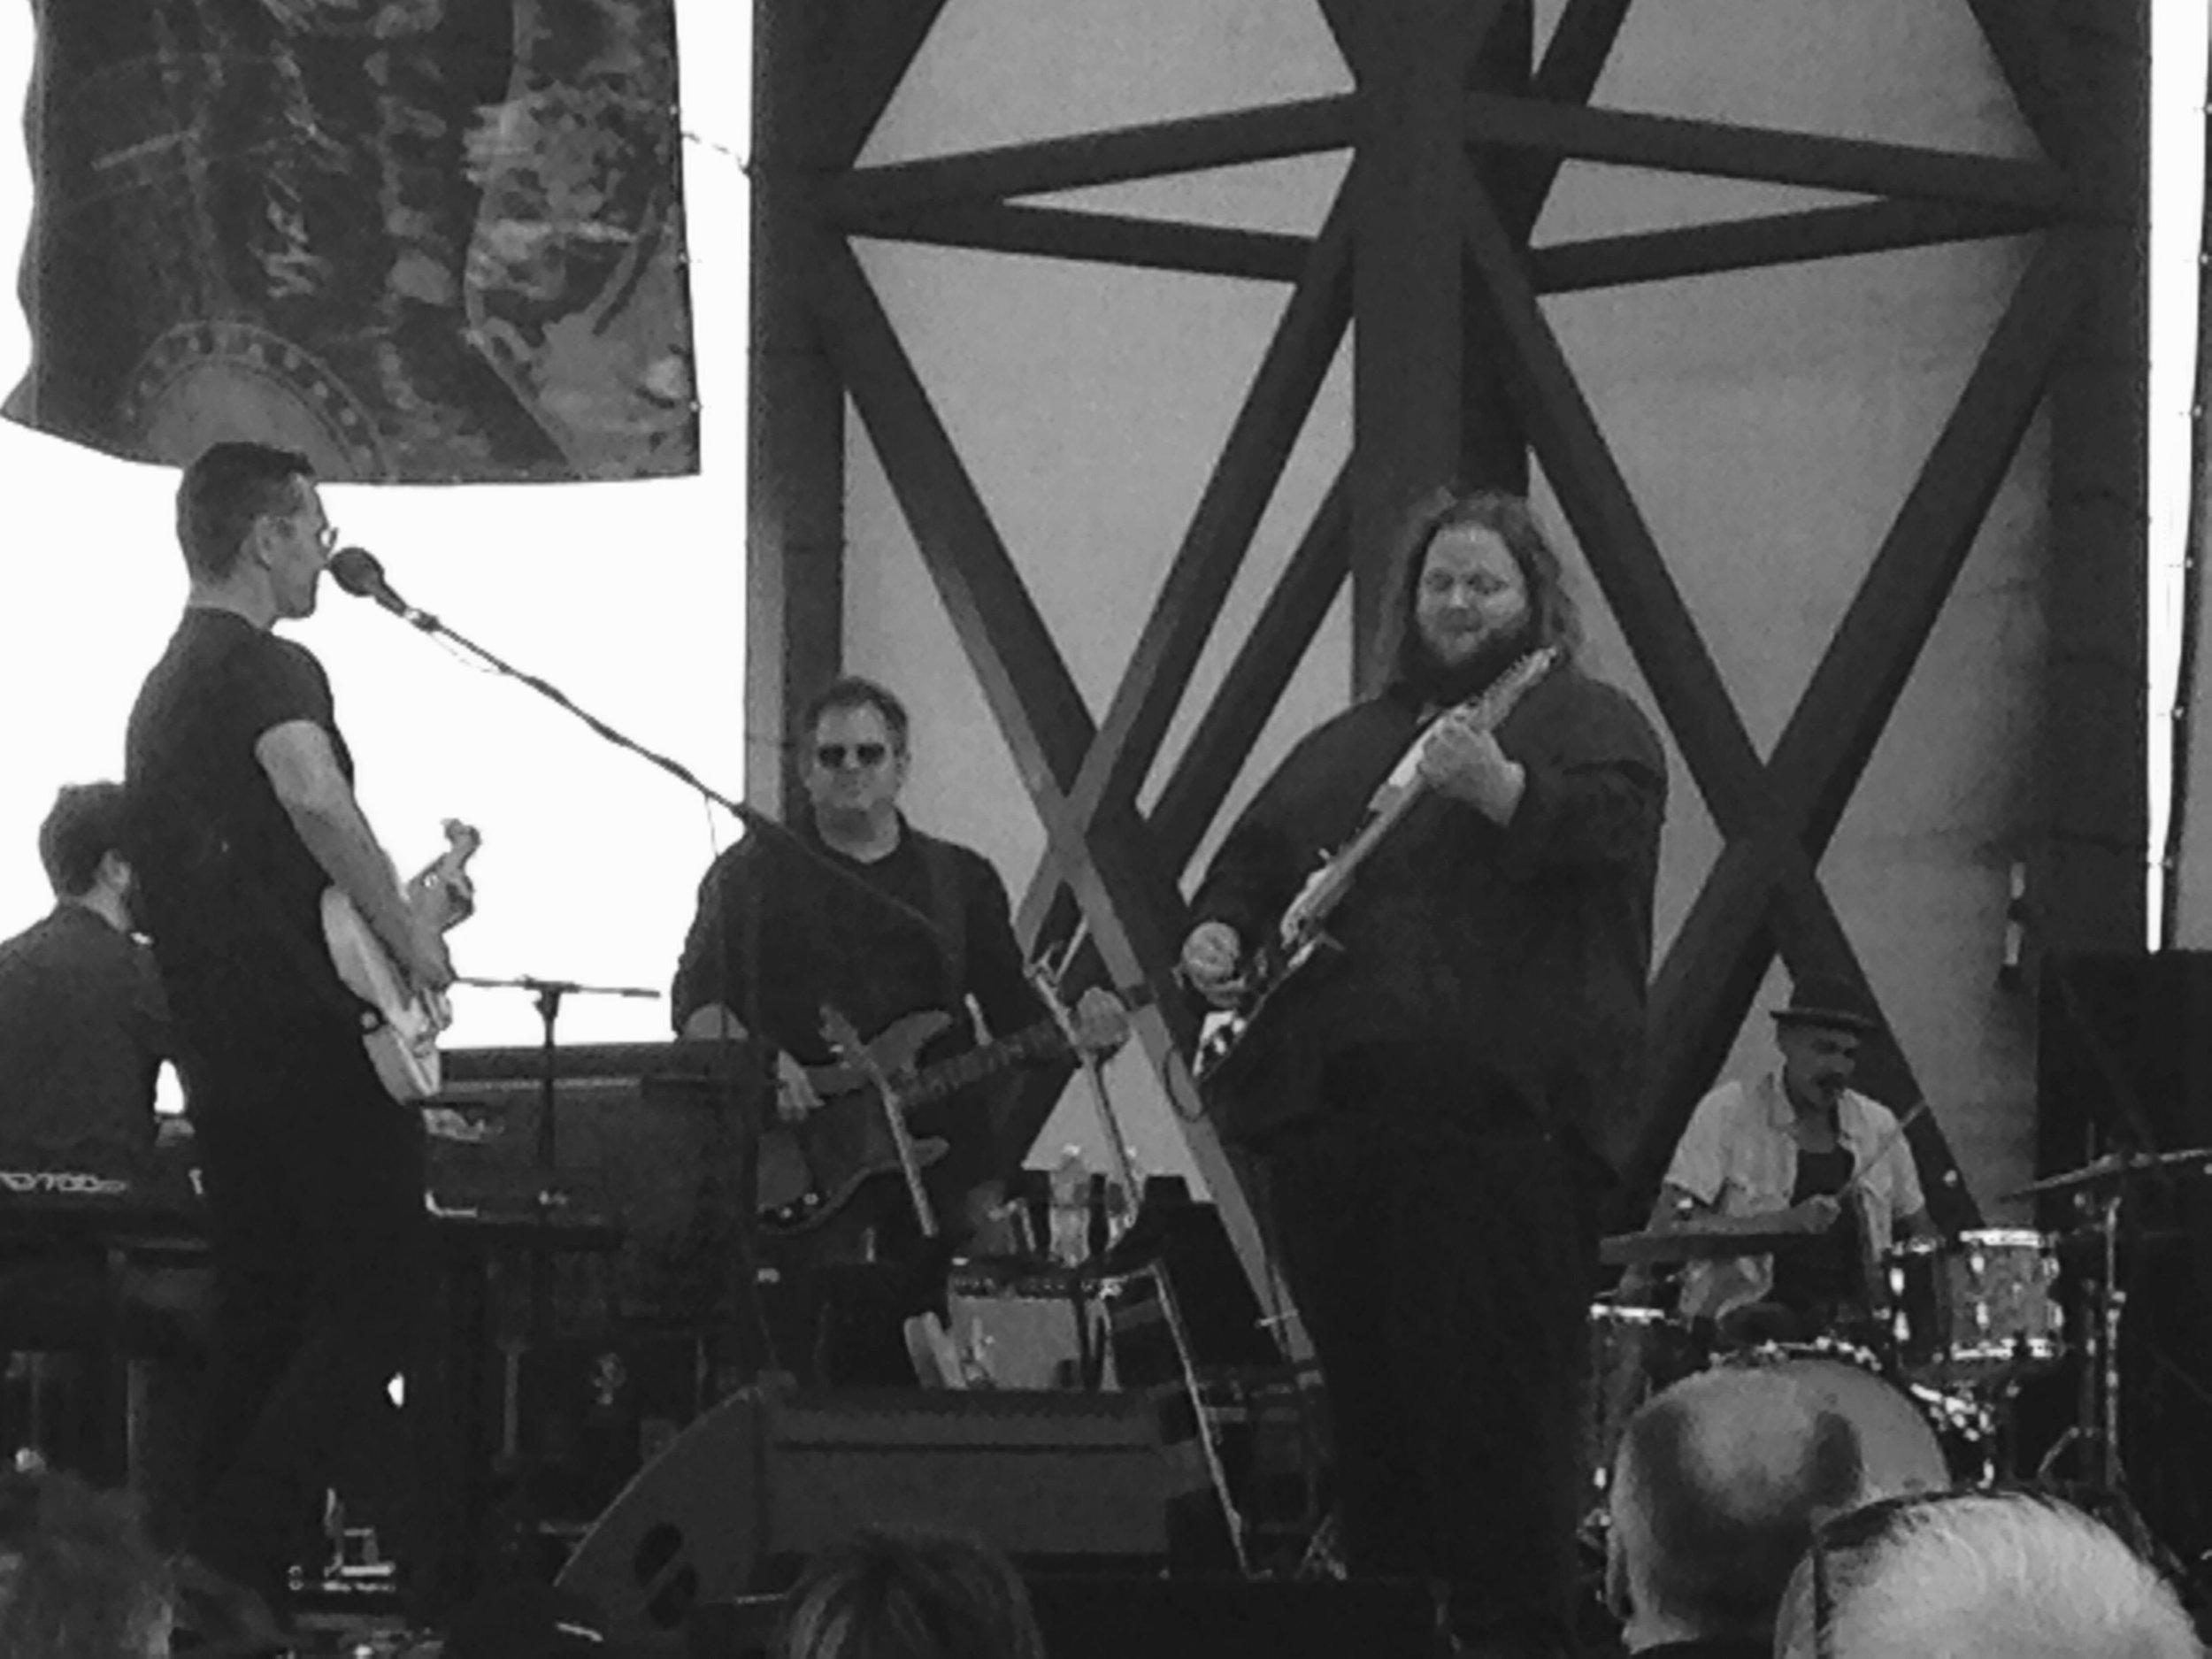 Matt Andersen & band. Lemme just say WOW.